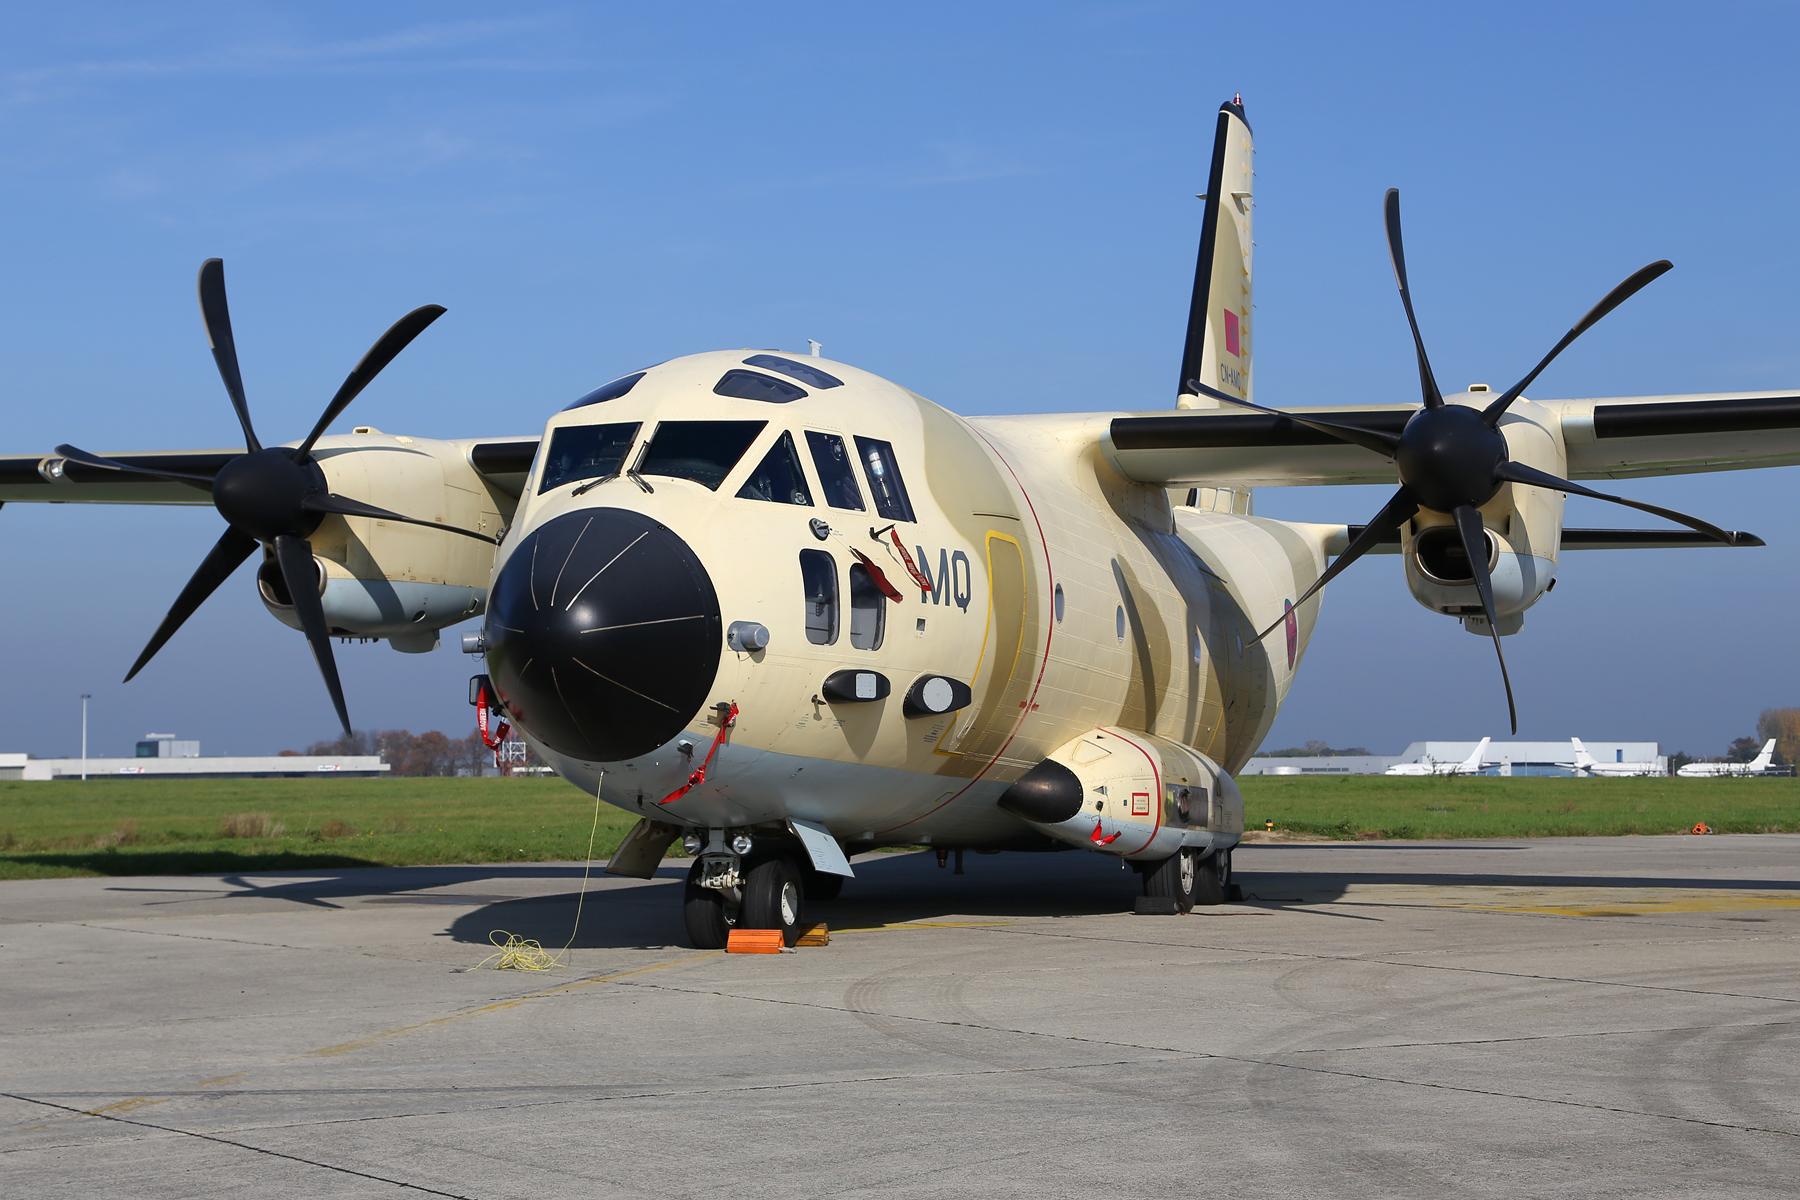 FRA: Photos d'avions de transport - Page 20 15483679050_70e155a9b0_o